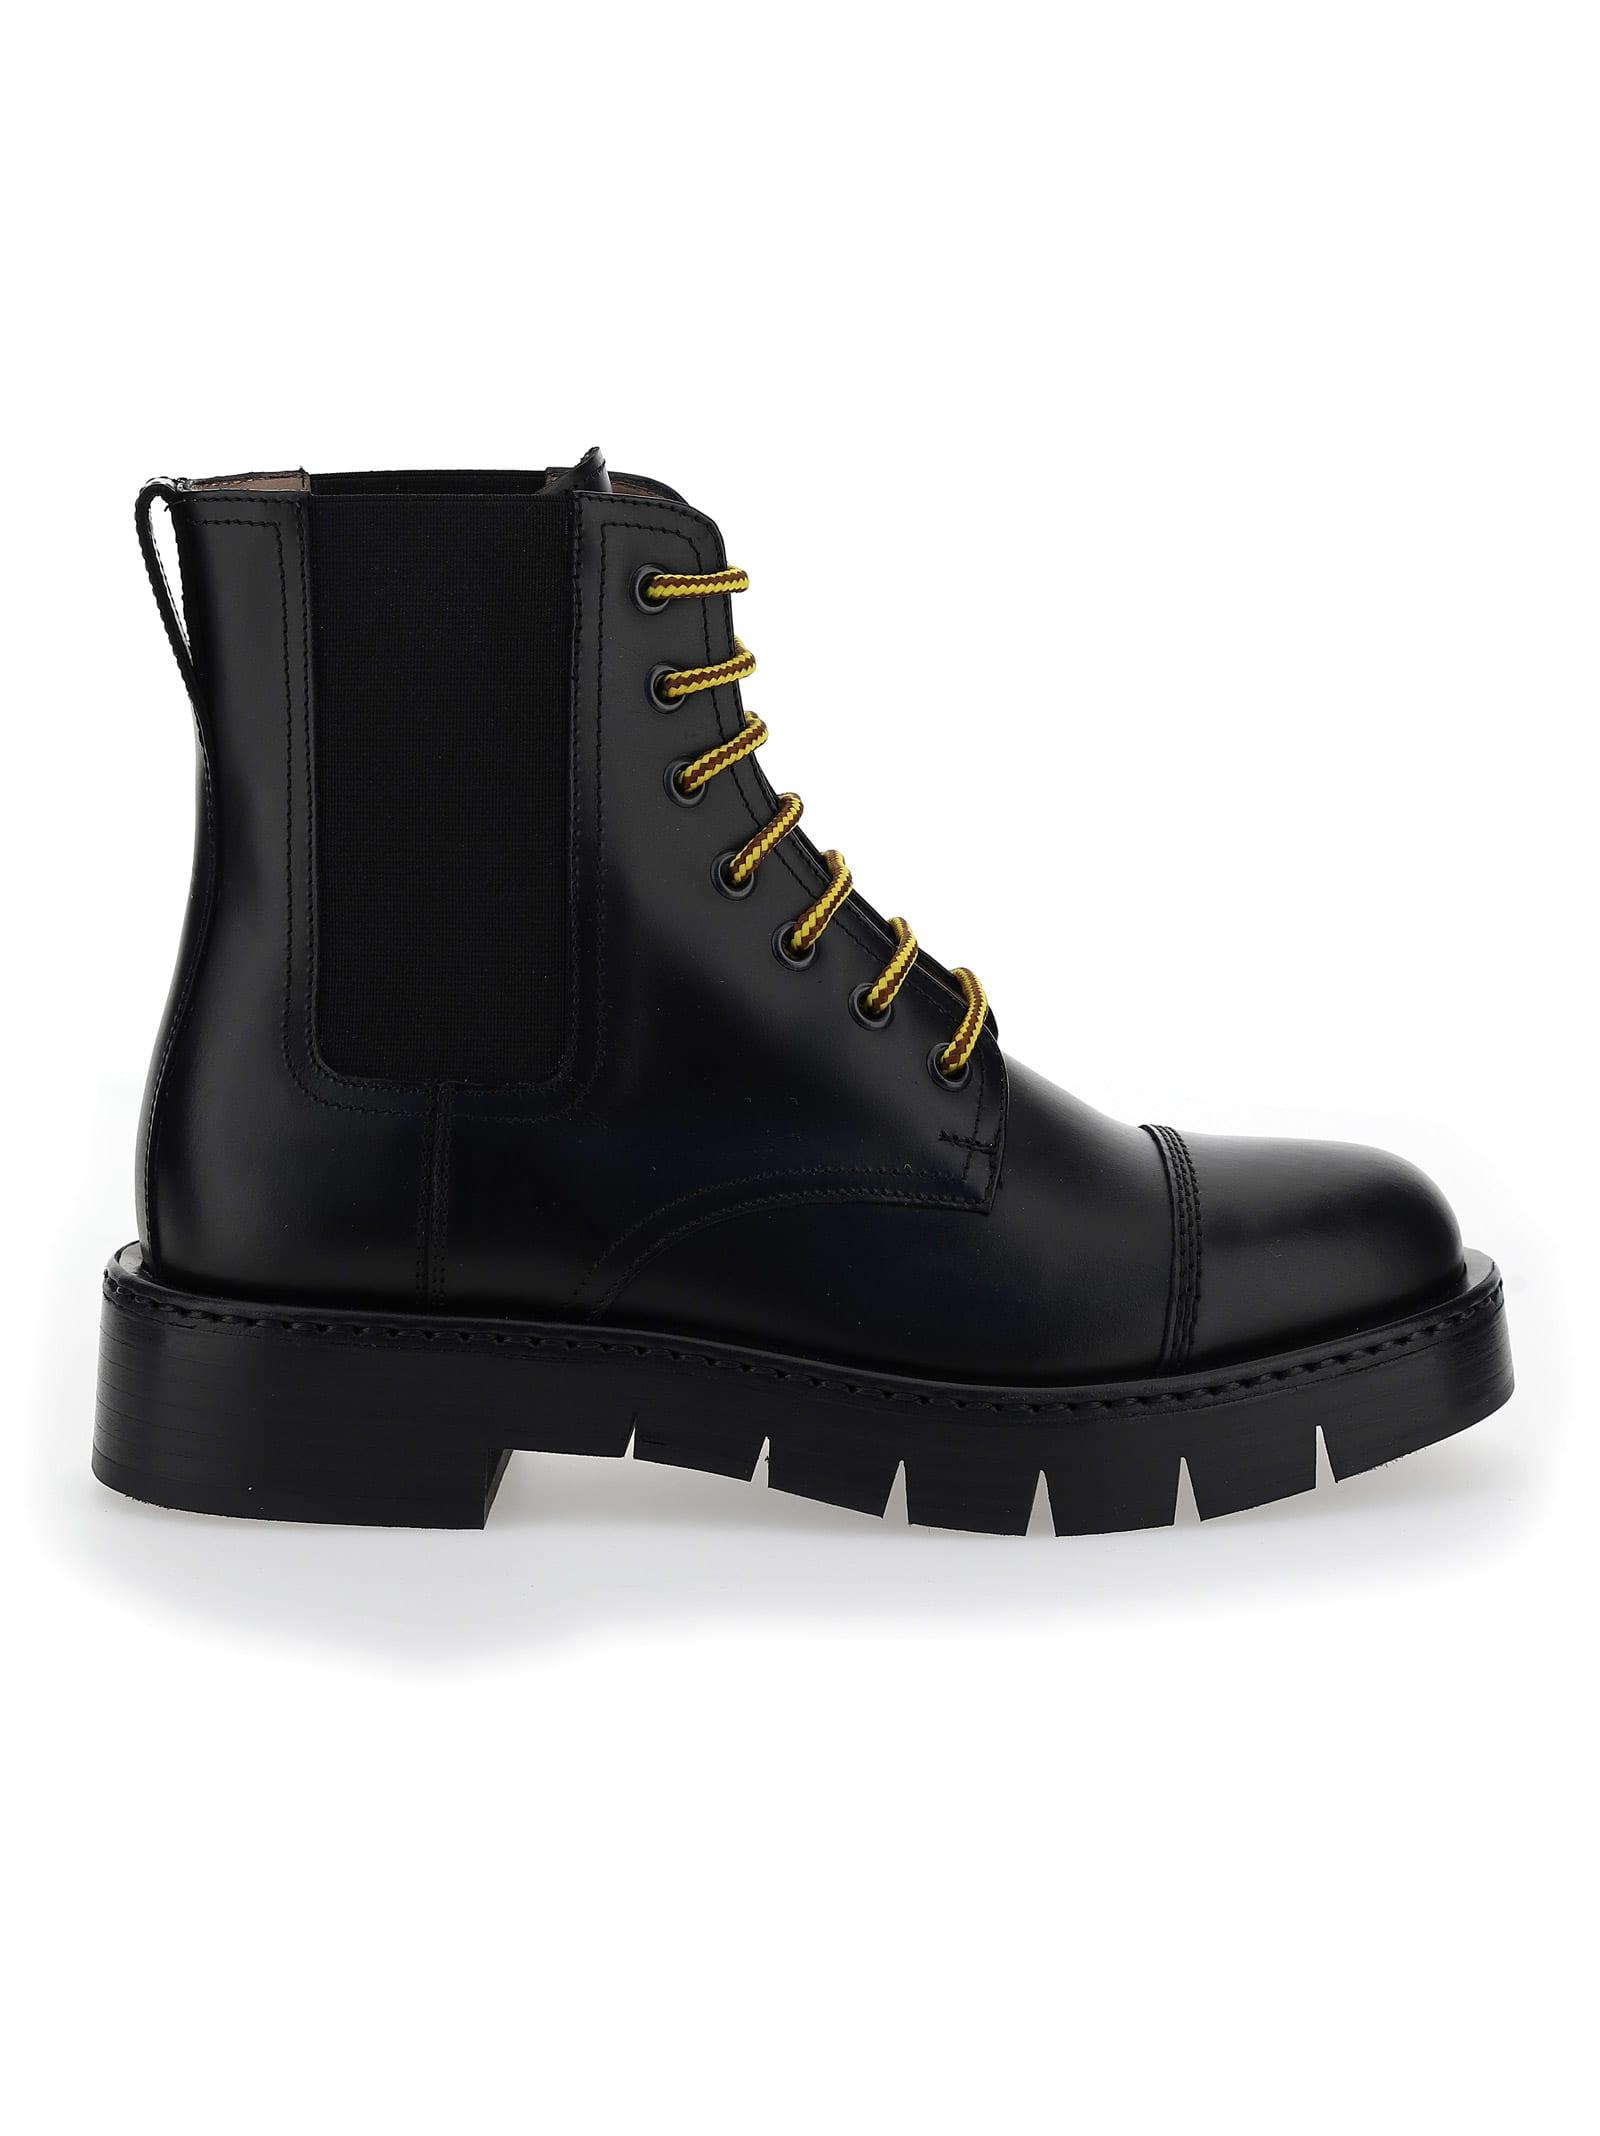 Salvatore Ferragamo Rosco Boots